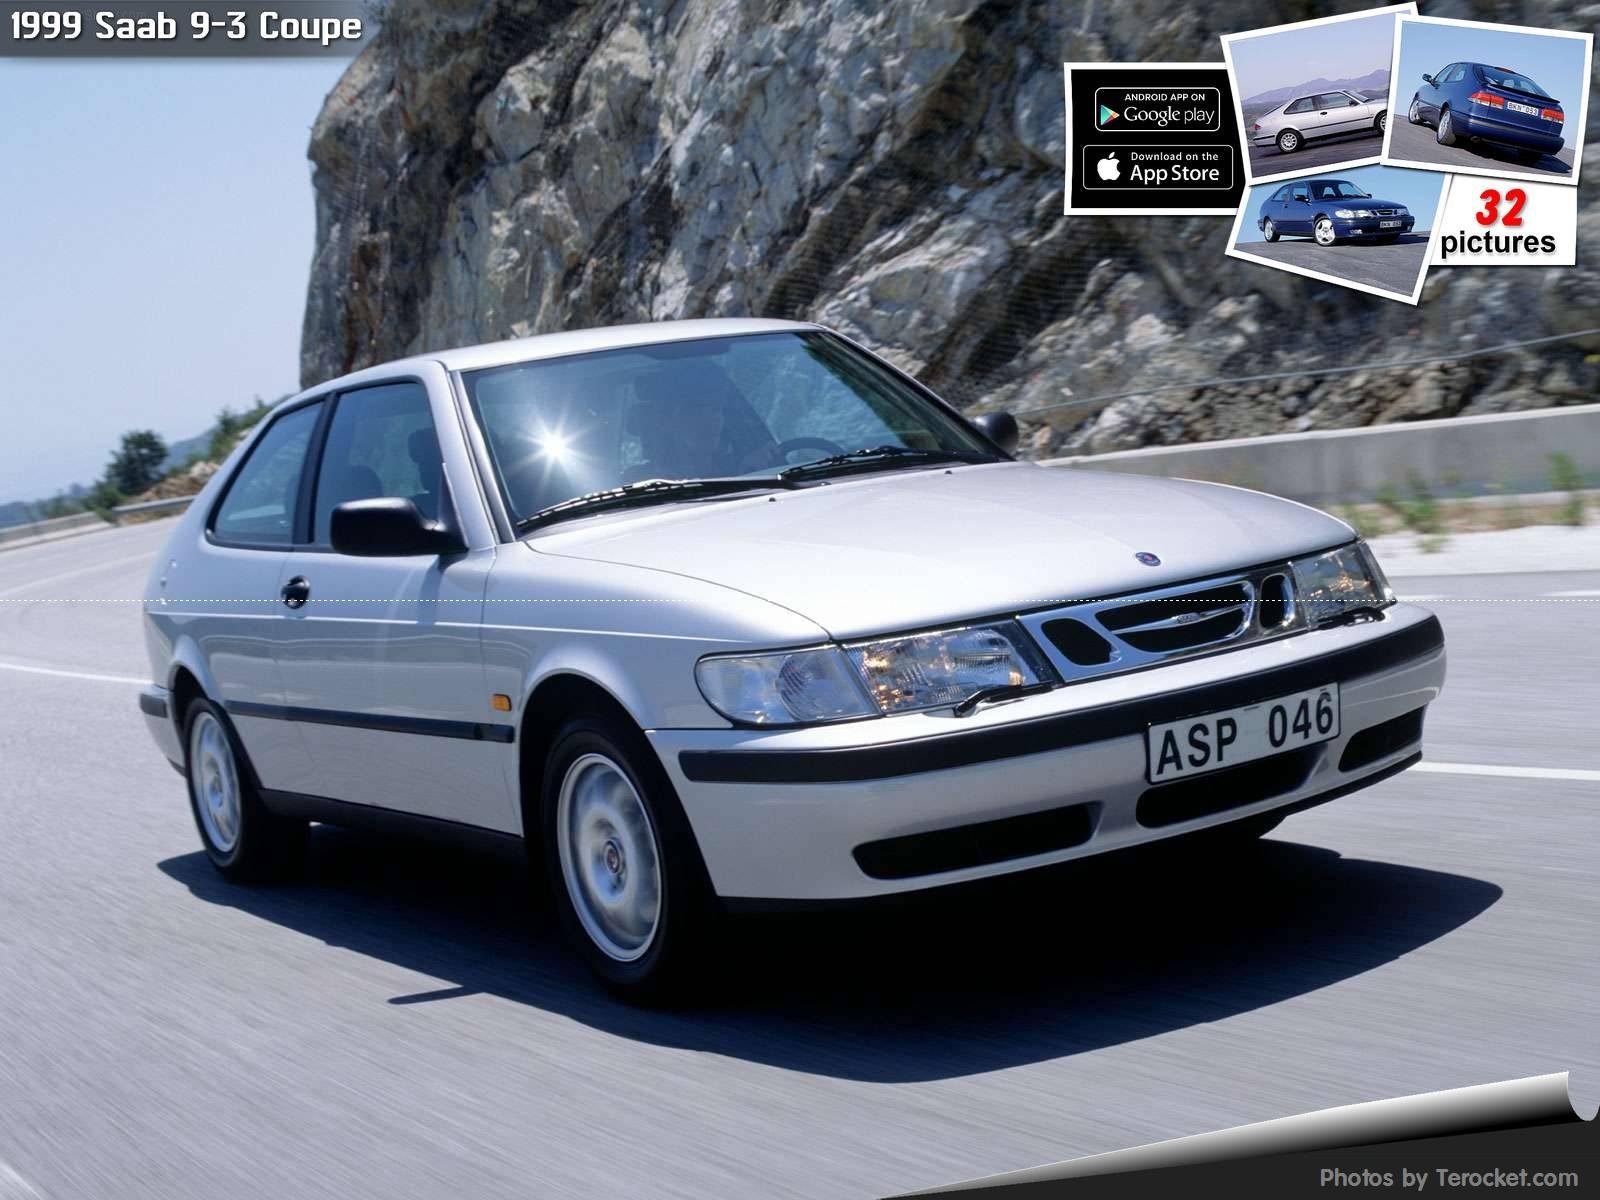 Hình ảnh xe ô tô Saab 9-3 Coupe 1999 & nội ngoại thất